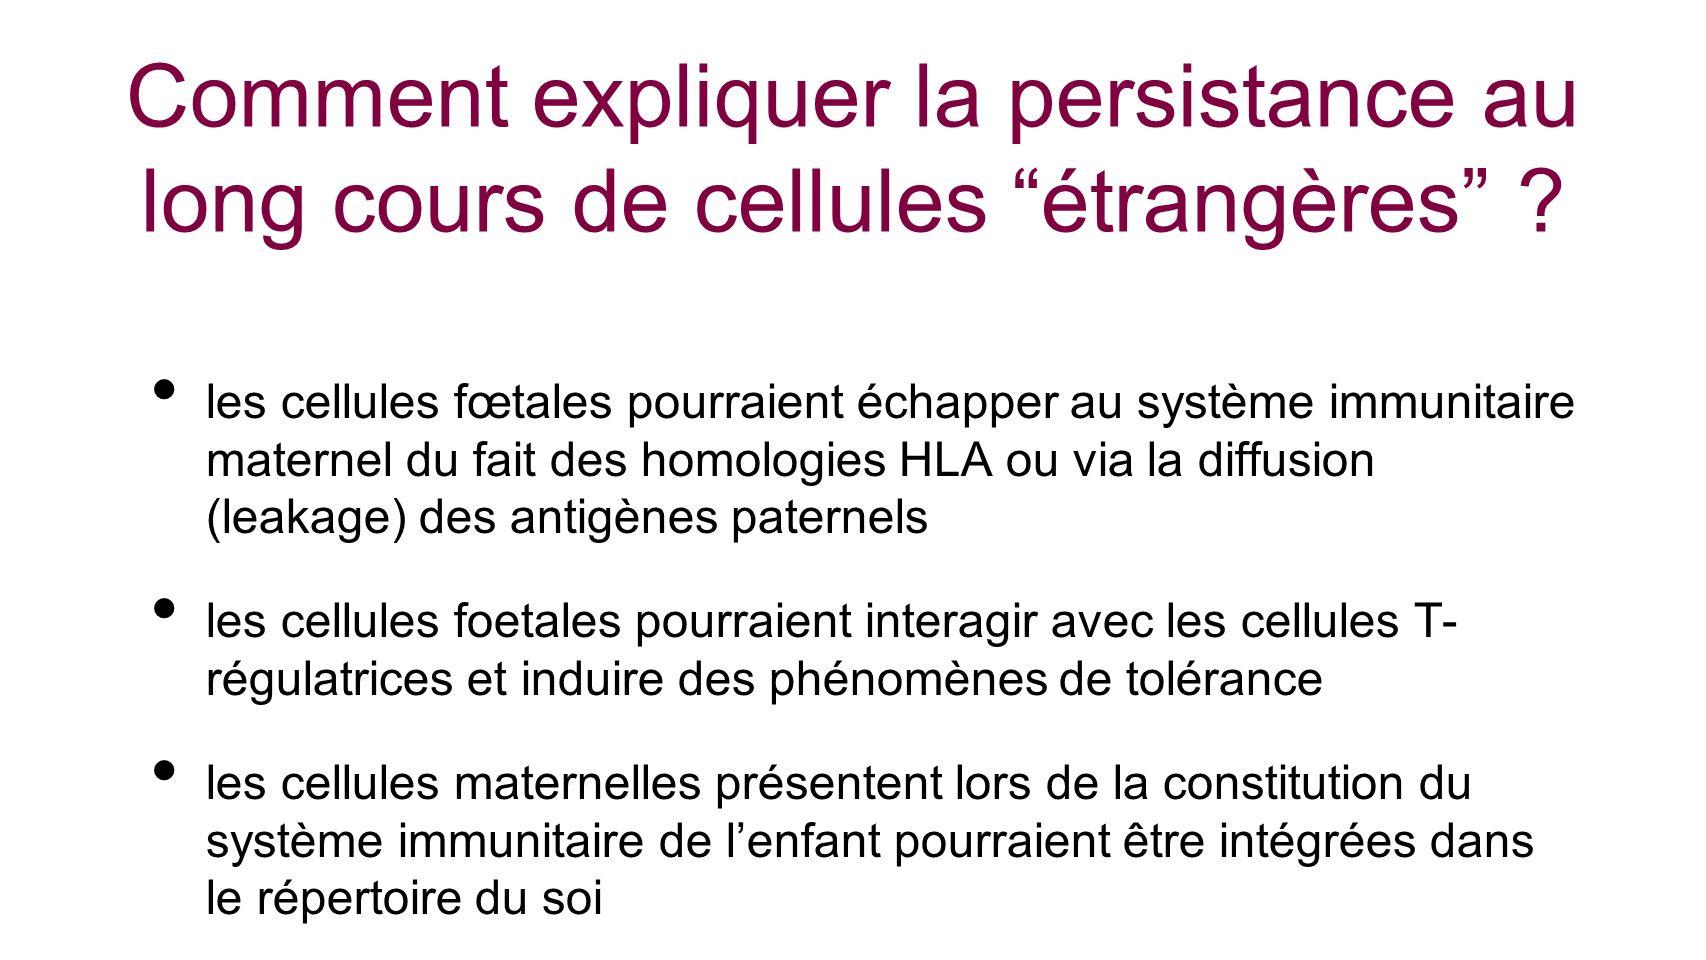 Comment expliquer la persistance au long cours de cellules étrangères